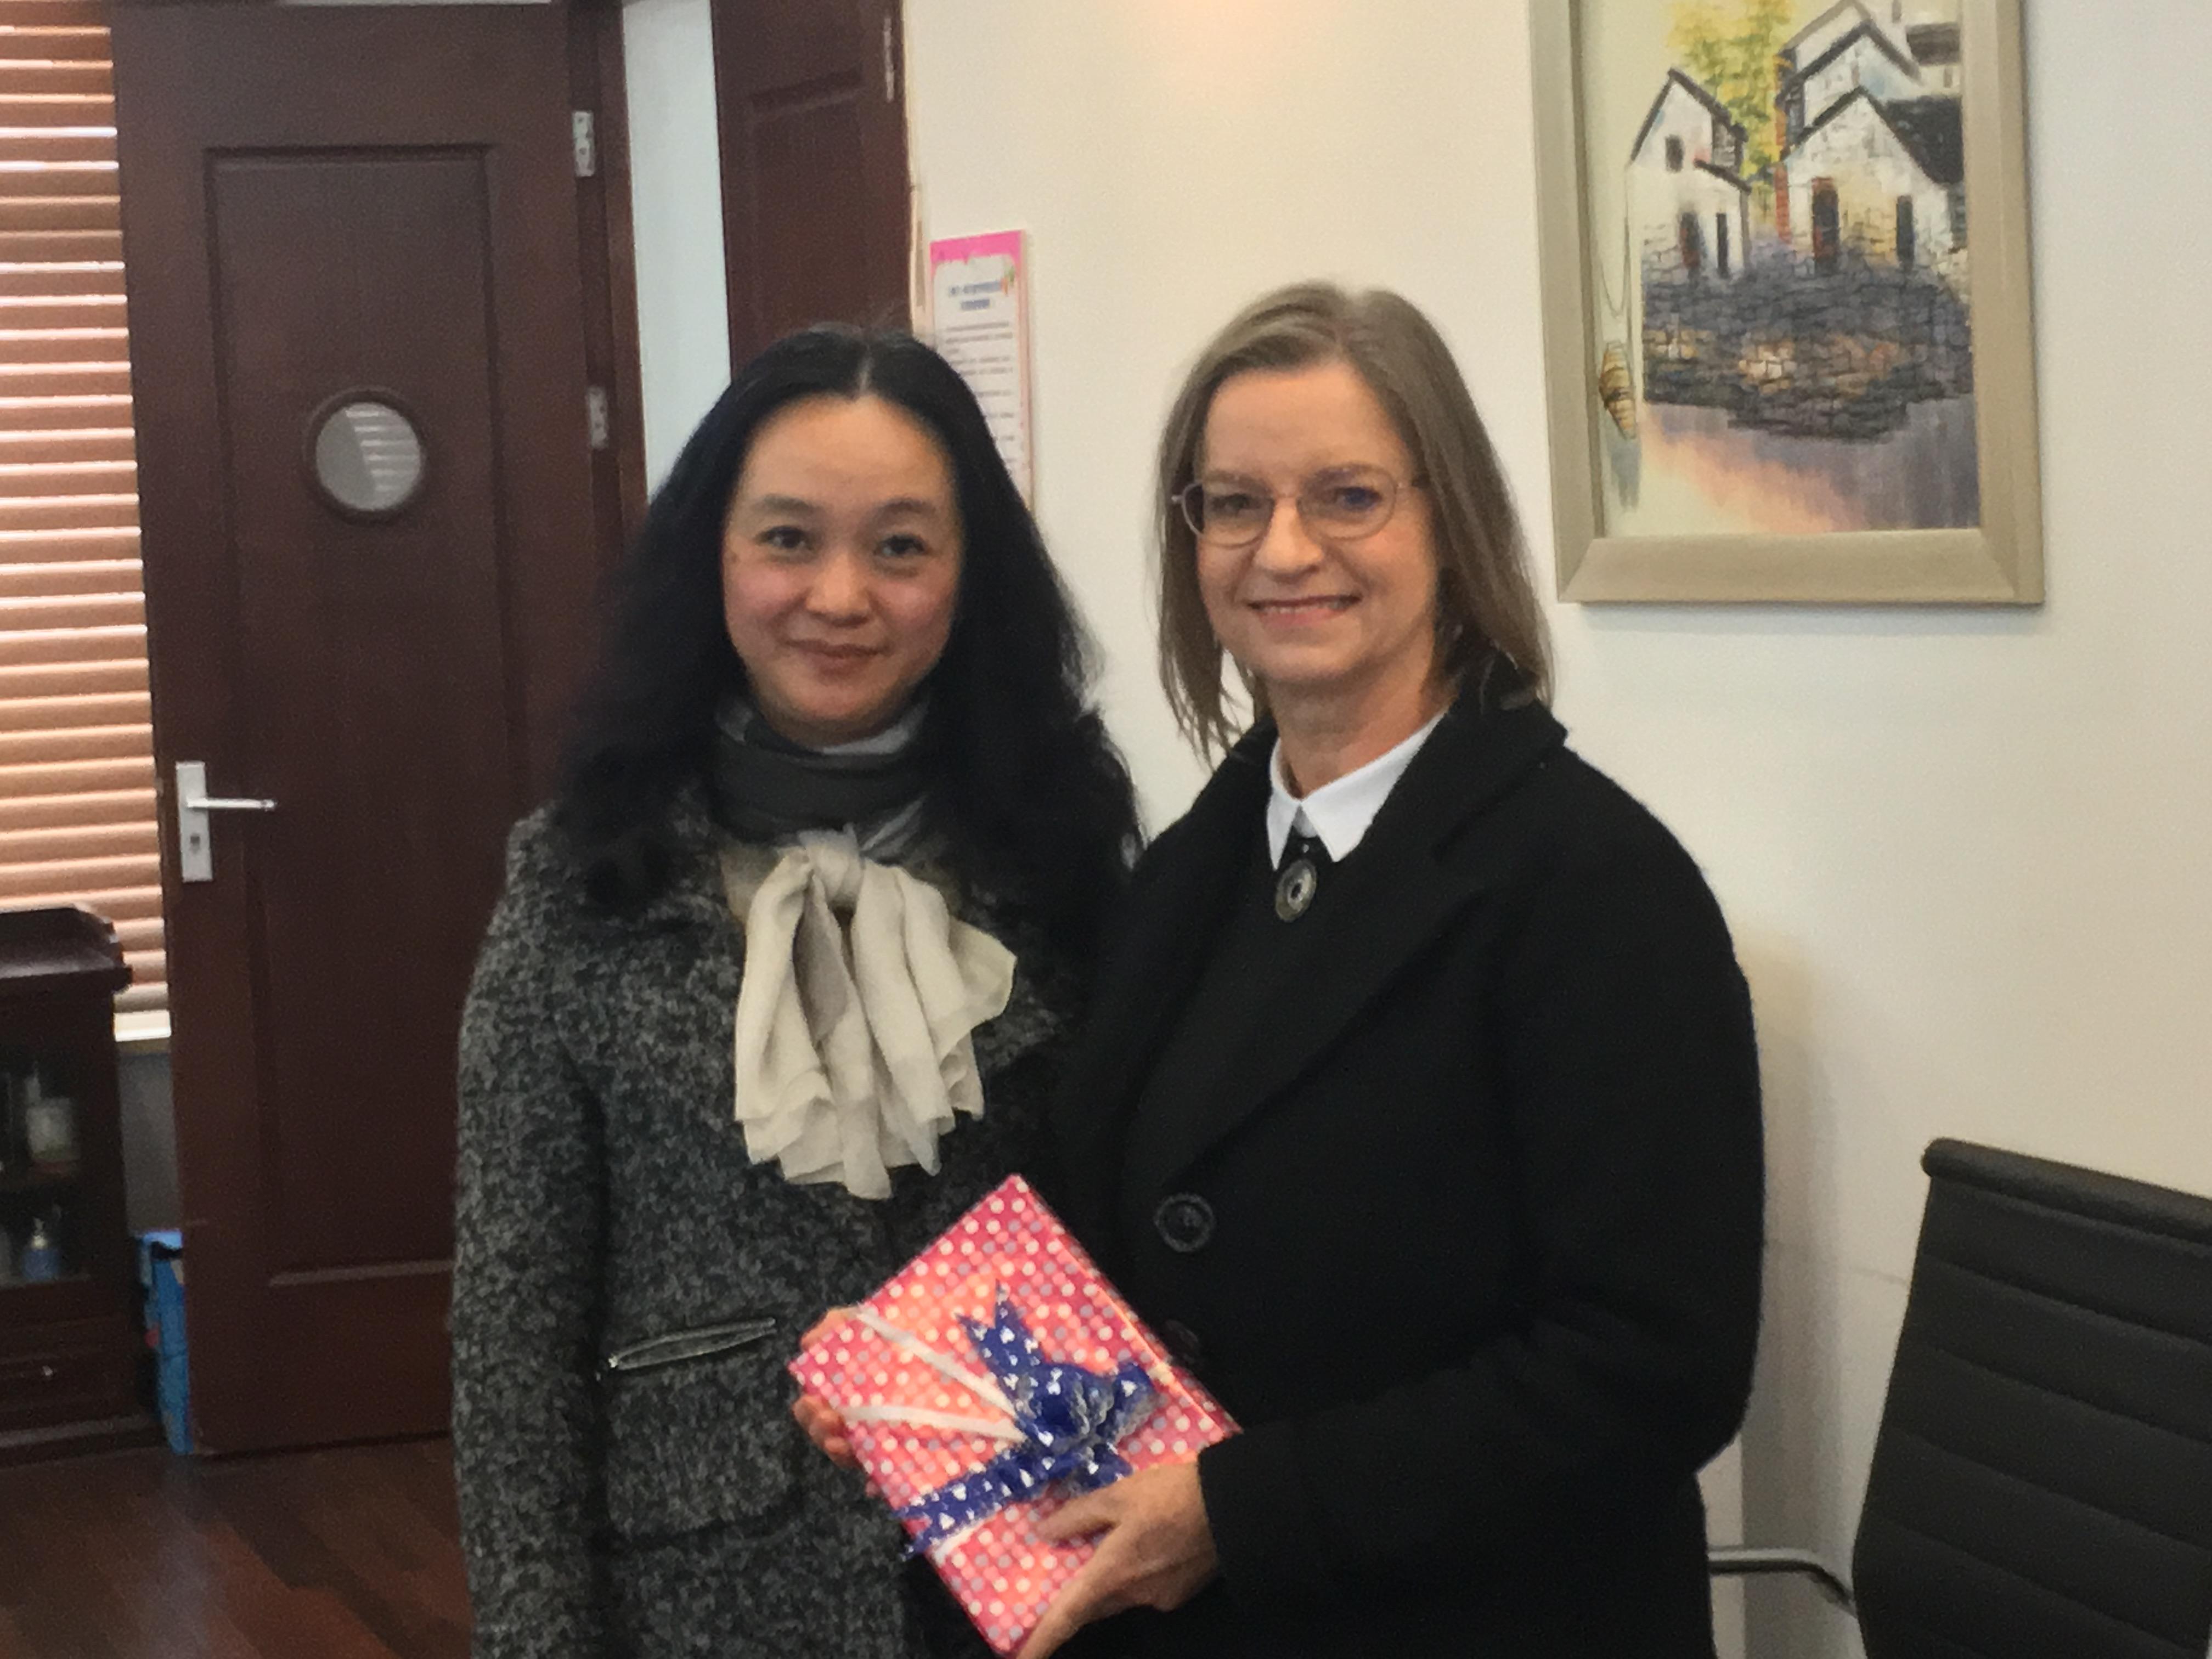 教育学部外聘教师牛津大学 Janette Ryan博士应邀访问上海师范大学第一附属小学